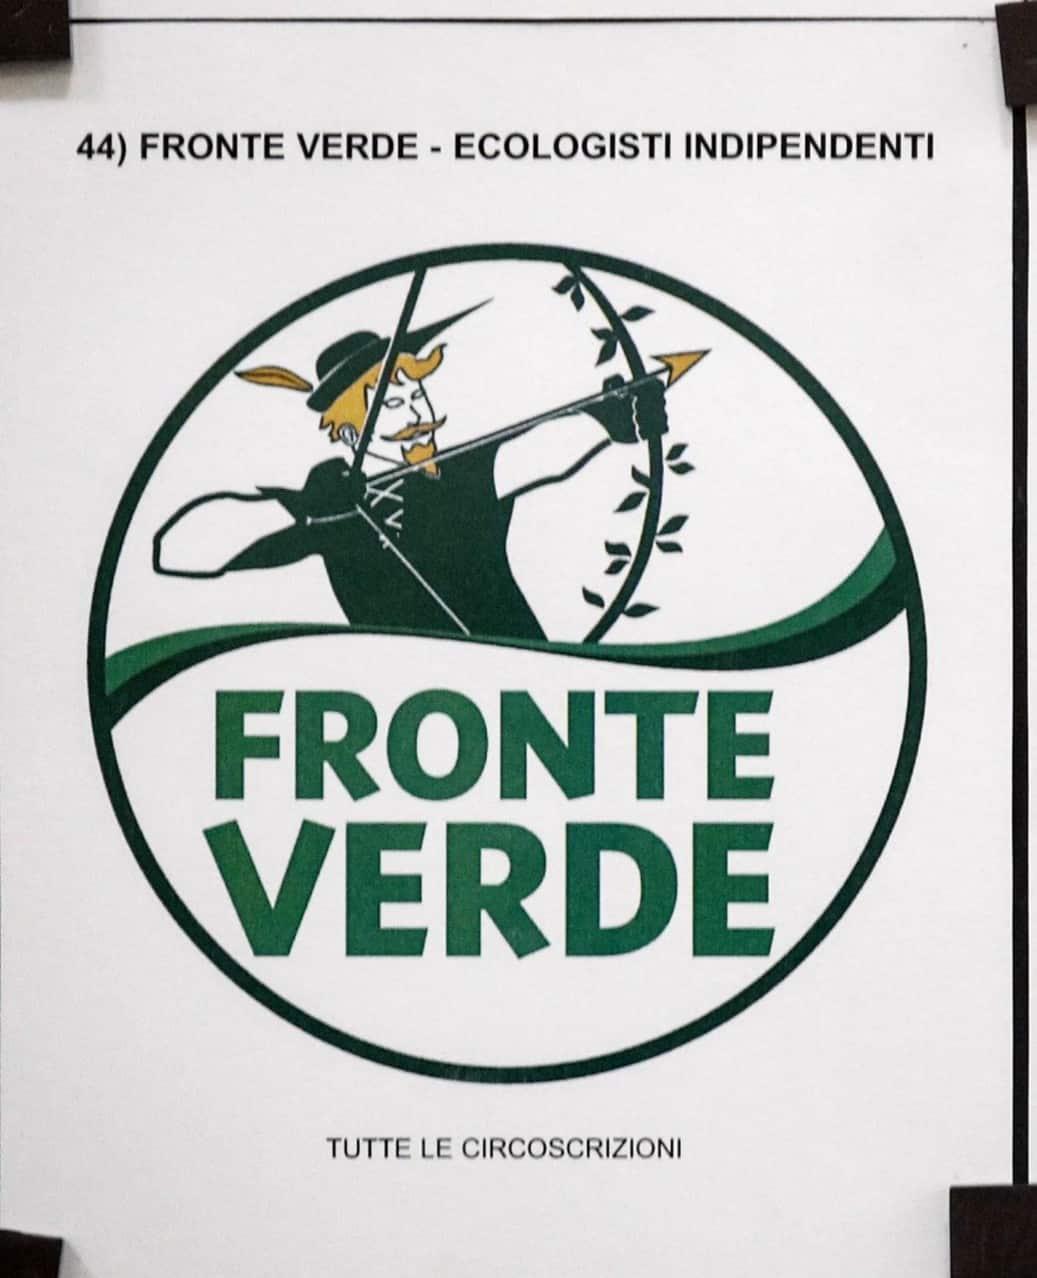 Elezioni Europee 2019, il Fronte Verde deposita il proprio simbolo